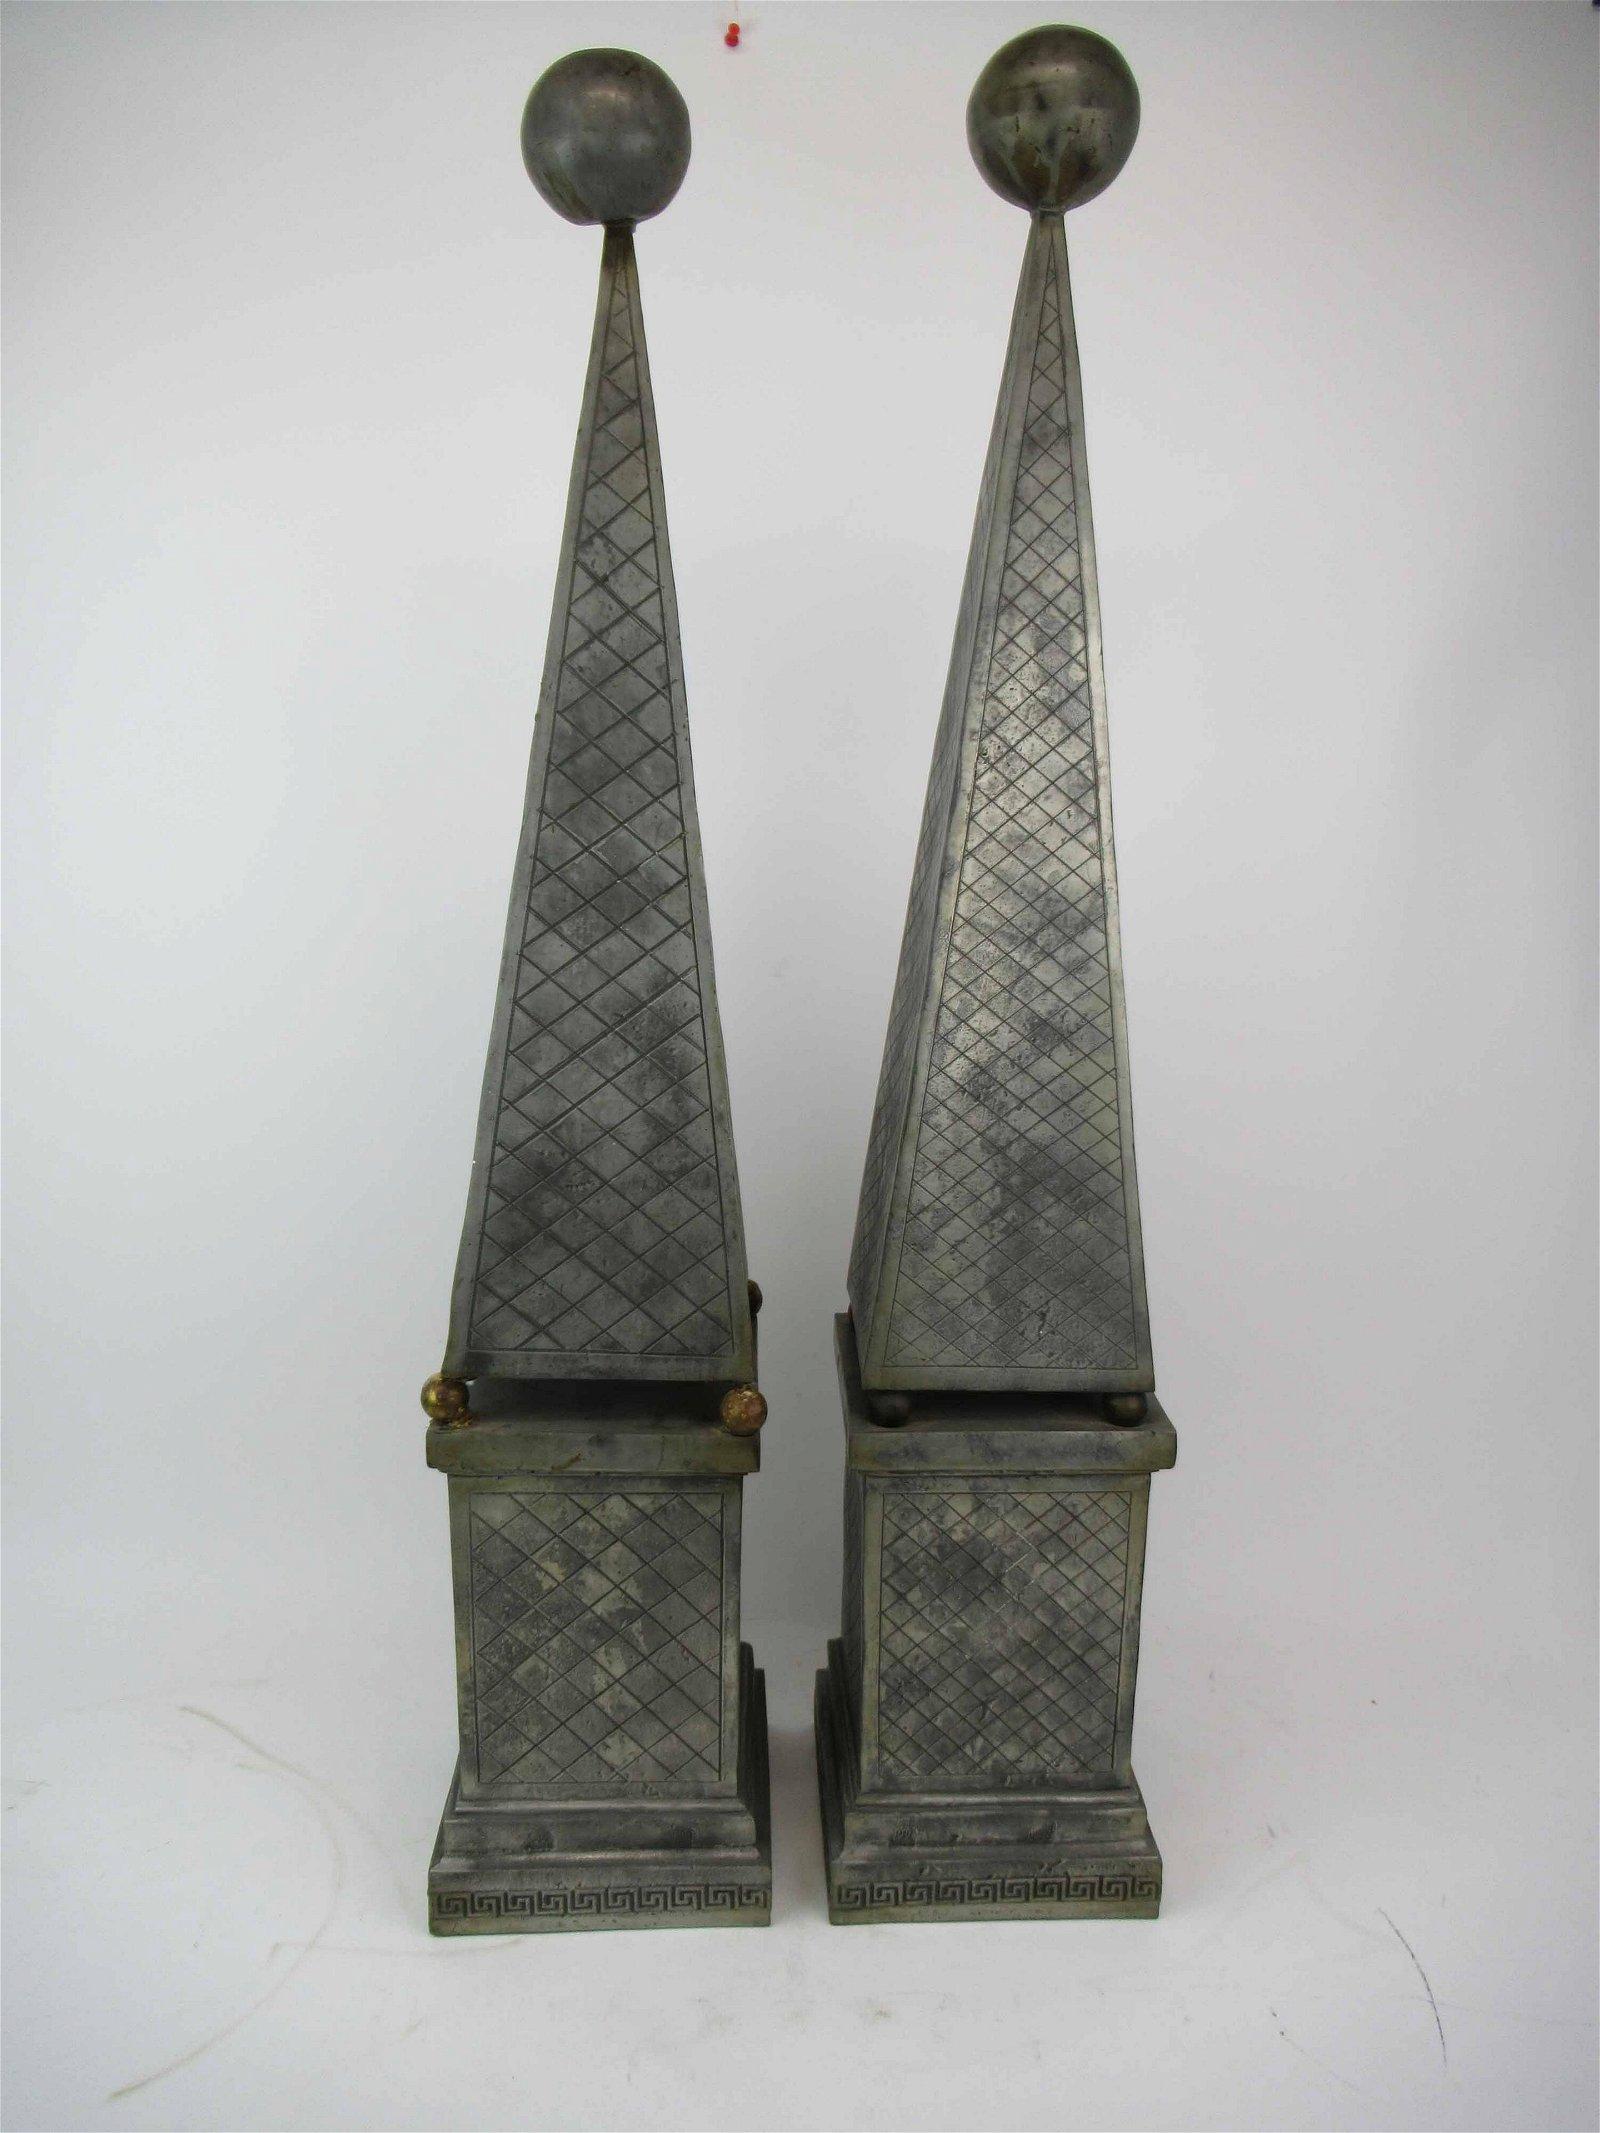 Pair of Metal Garden Obelisks